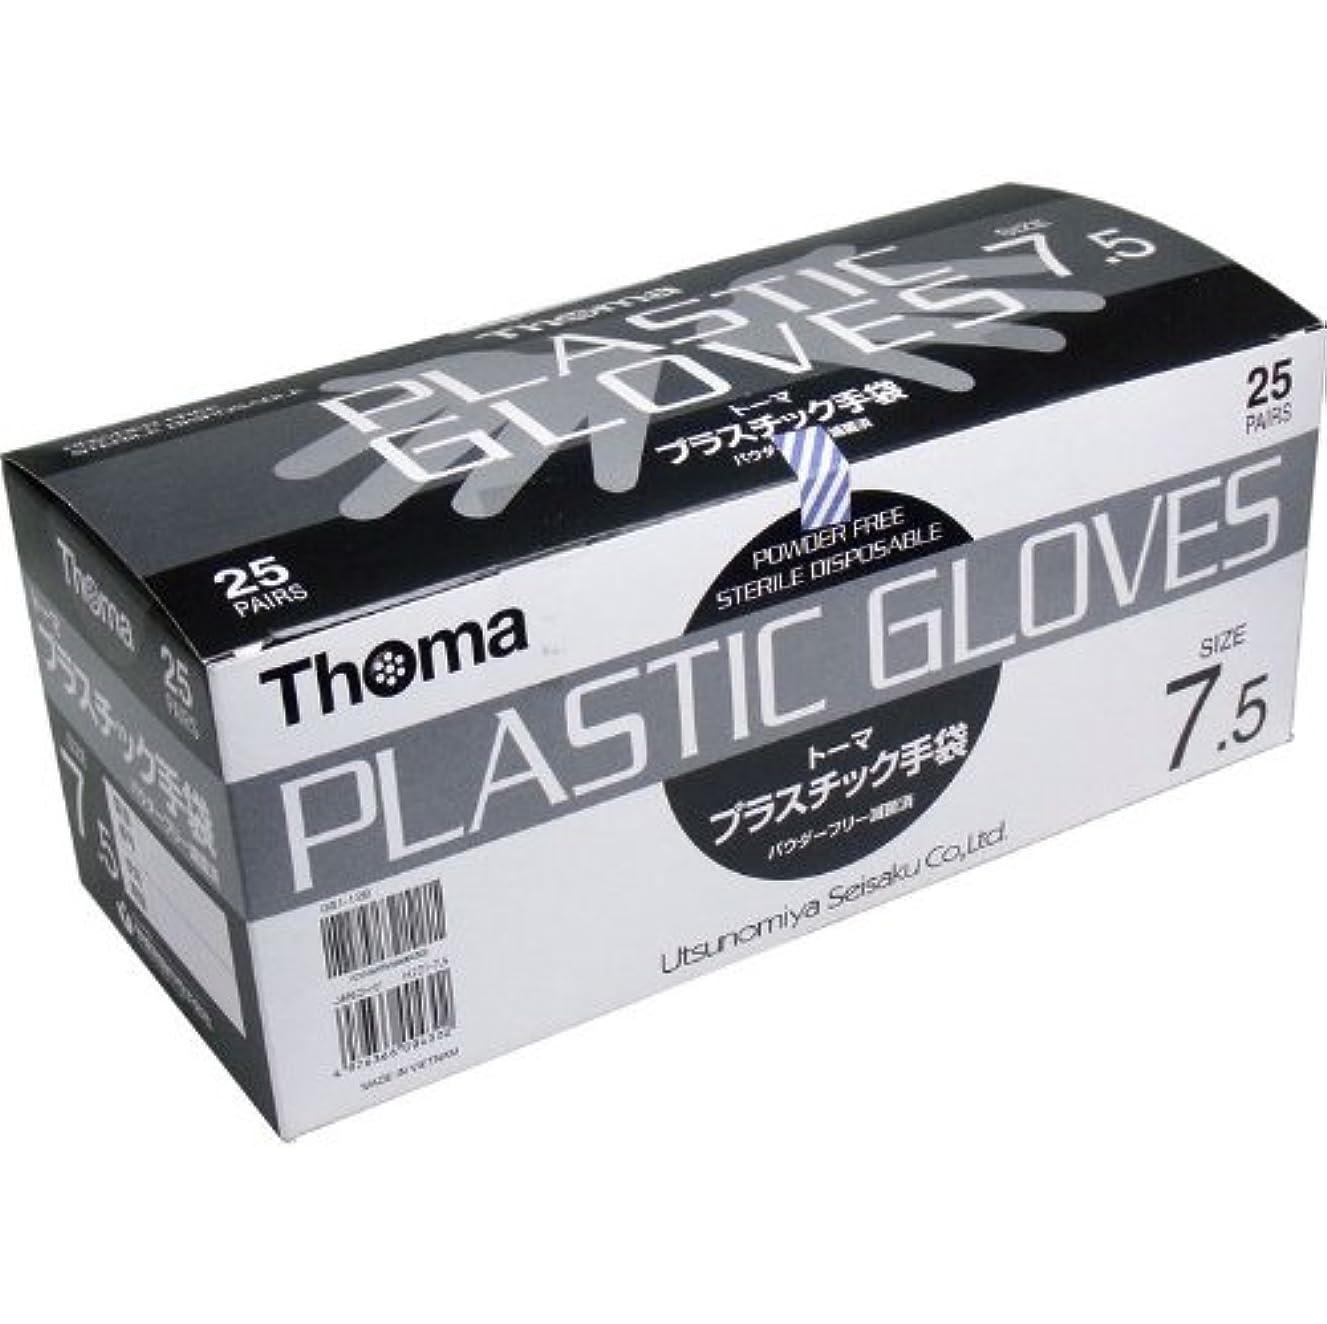 指定するマイナス知的パウダーフリー手袋 1双毎に滅菌包装、衛生的 便利 トーマ プラスチック手袋 パウダーフリー滅菌済 25双入 サイズ7.5【3個セット】